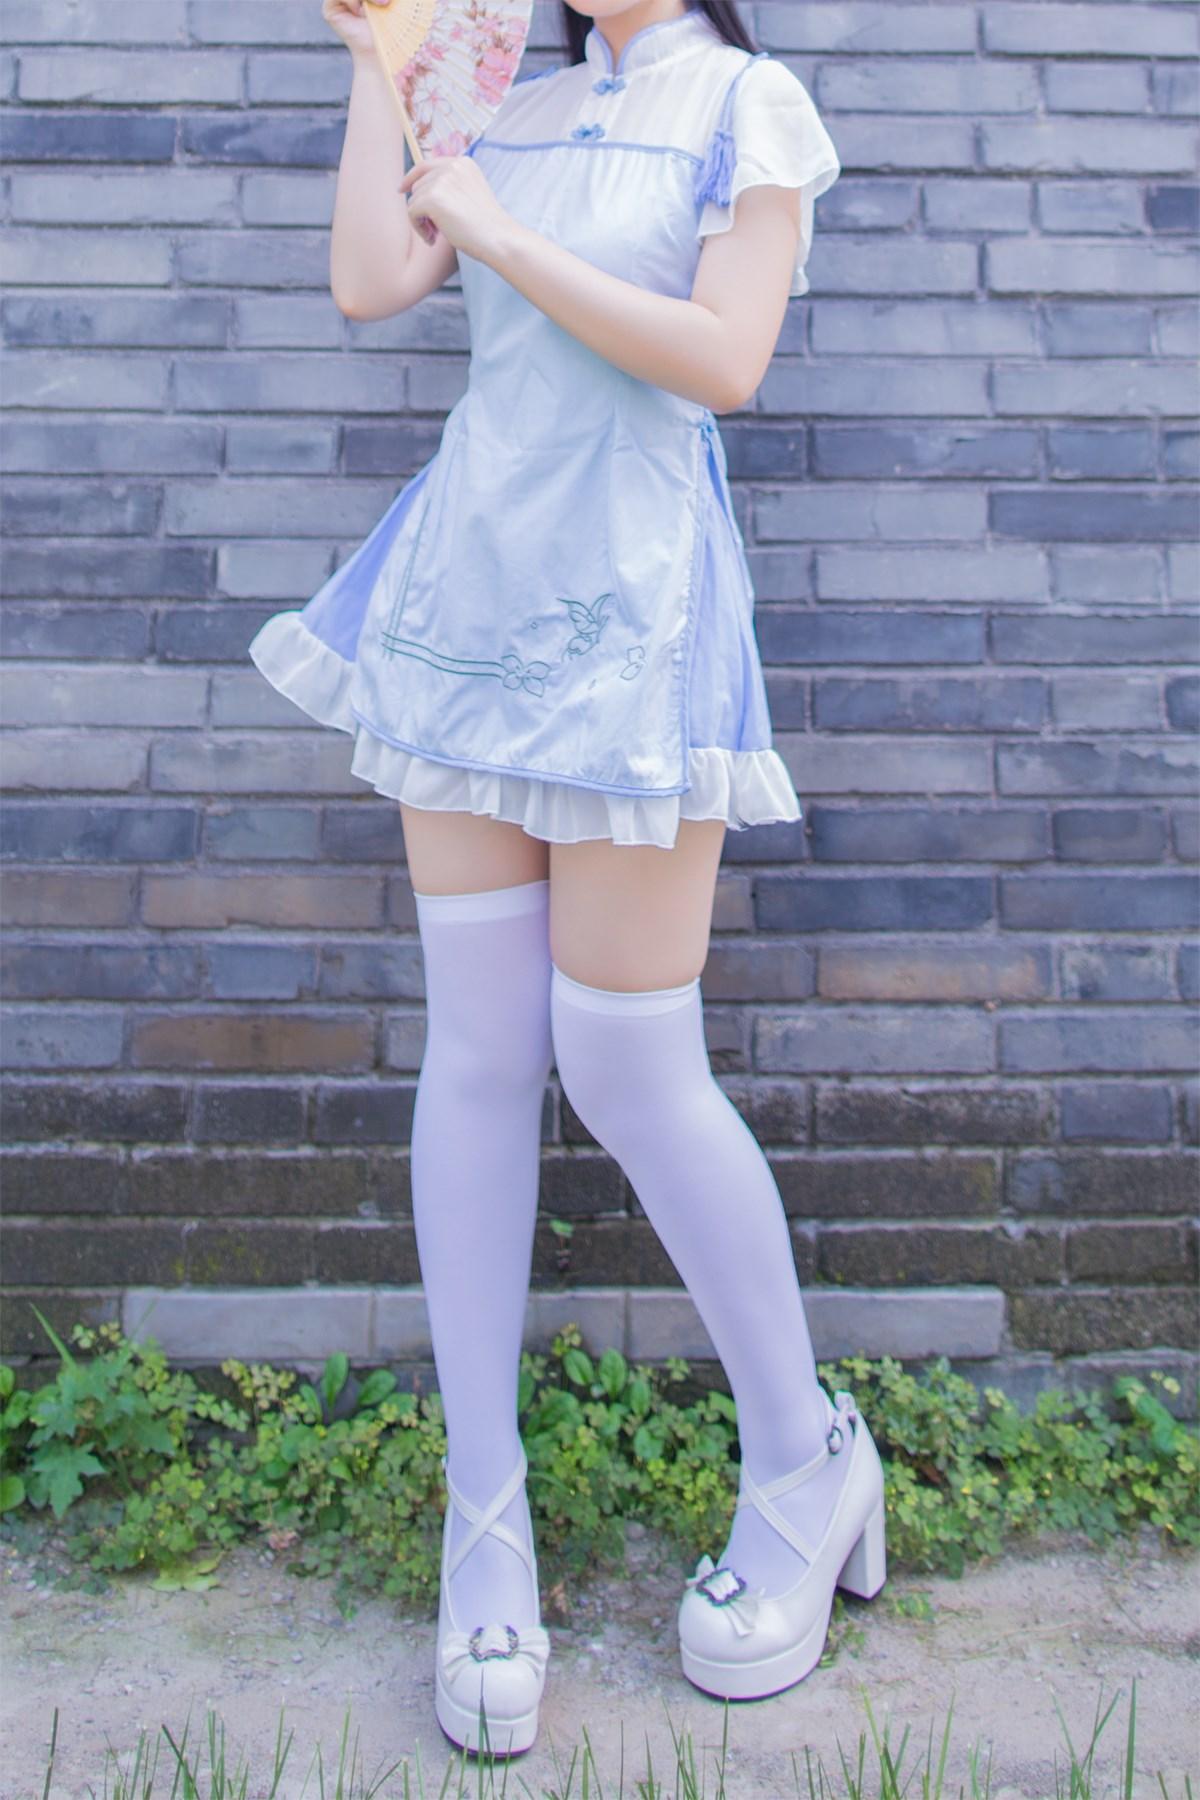 【兔玩映画】白丝旗袍 兔玩映画 第16张